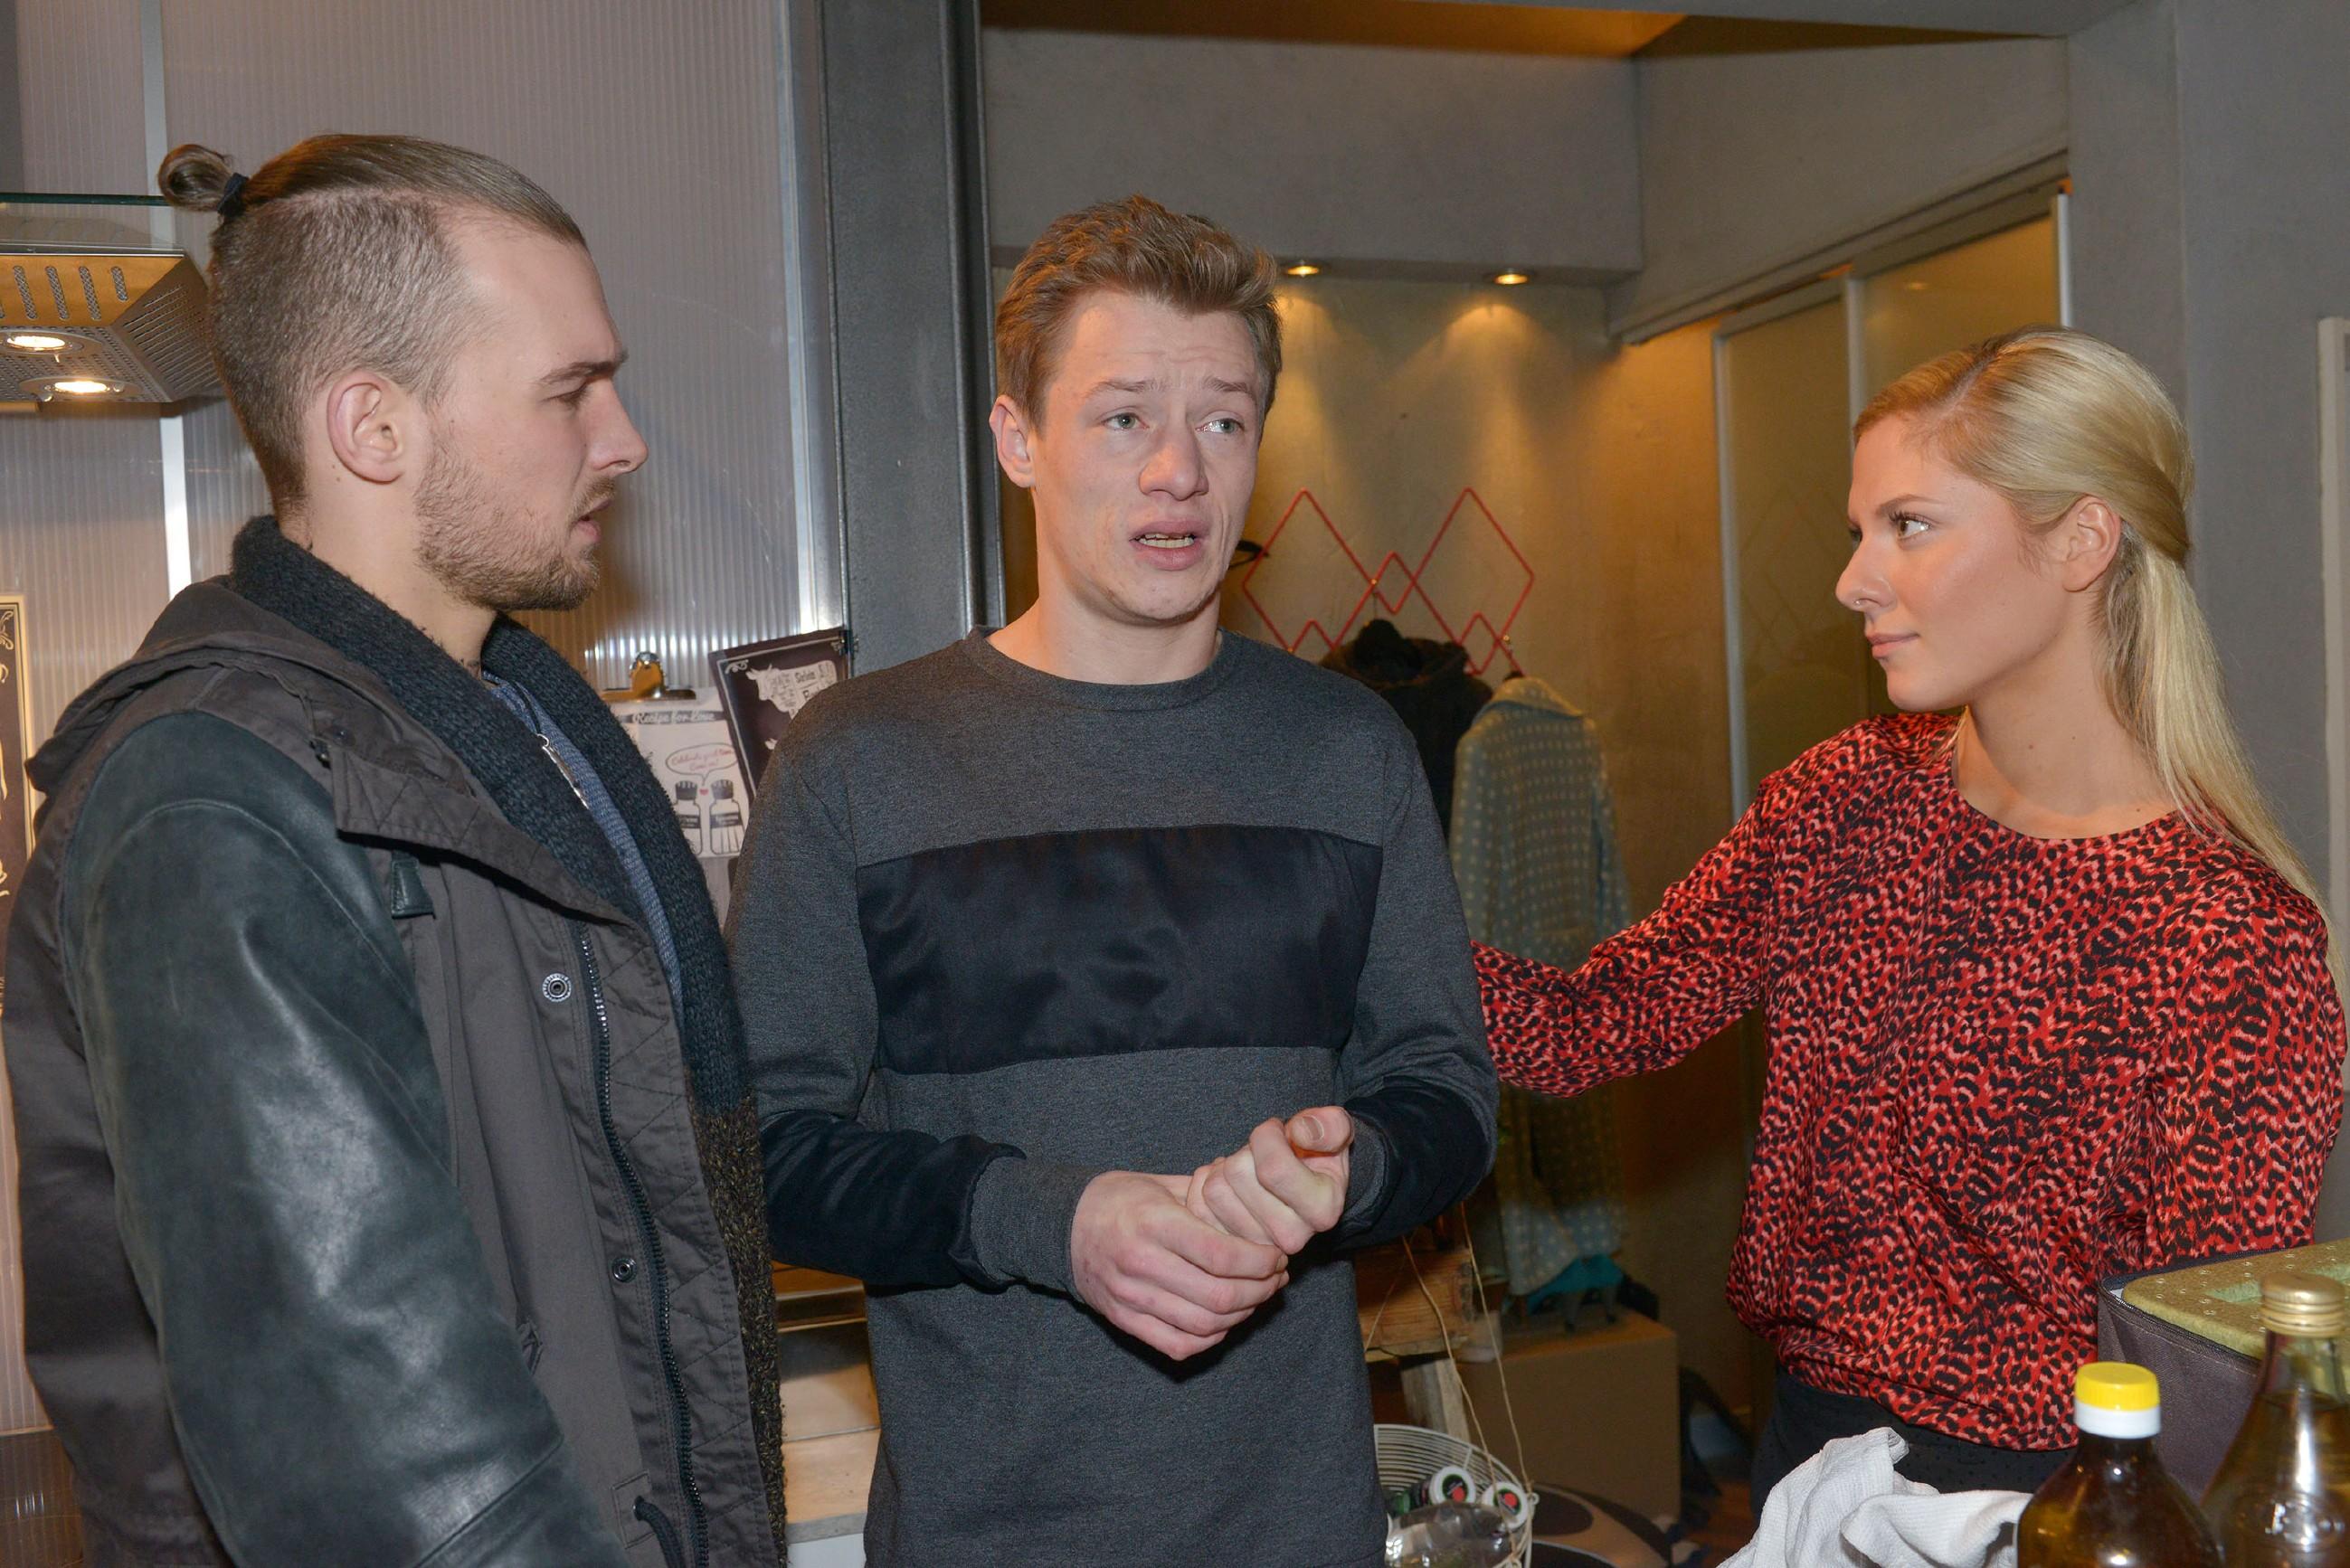 Chris (Eric Stehfest, l.) und Sunny (Valentina Pahde) sprechen dem nervösen Vince (Vincent Krüger) Mut zu, der der sich als Caterer auf einem Event bewähren muss.